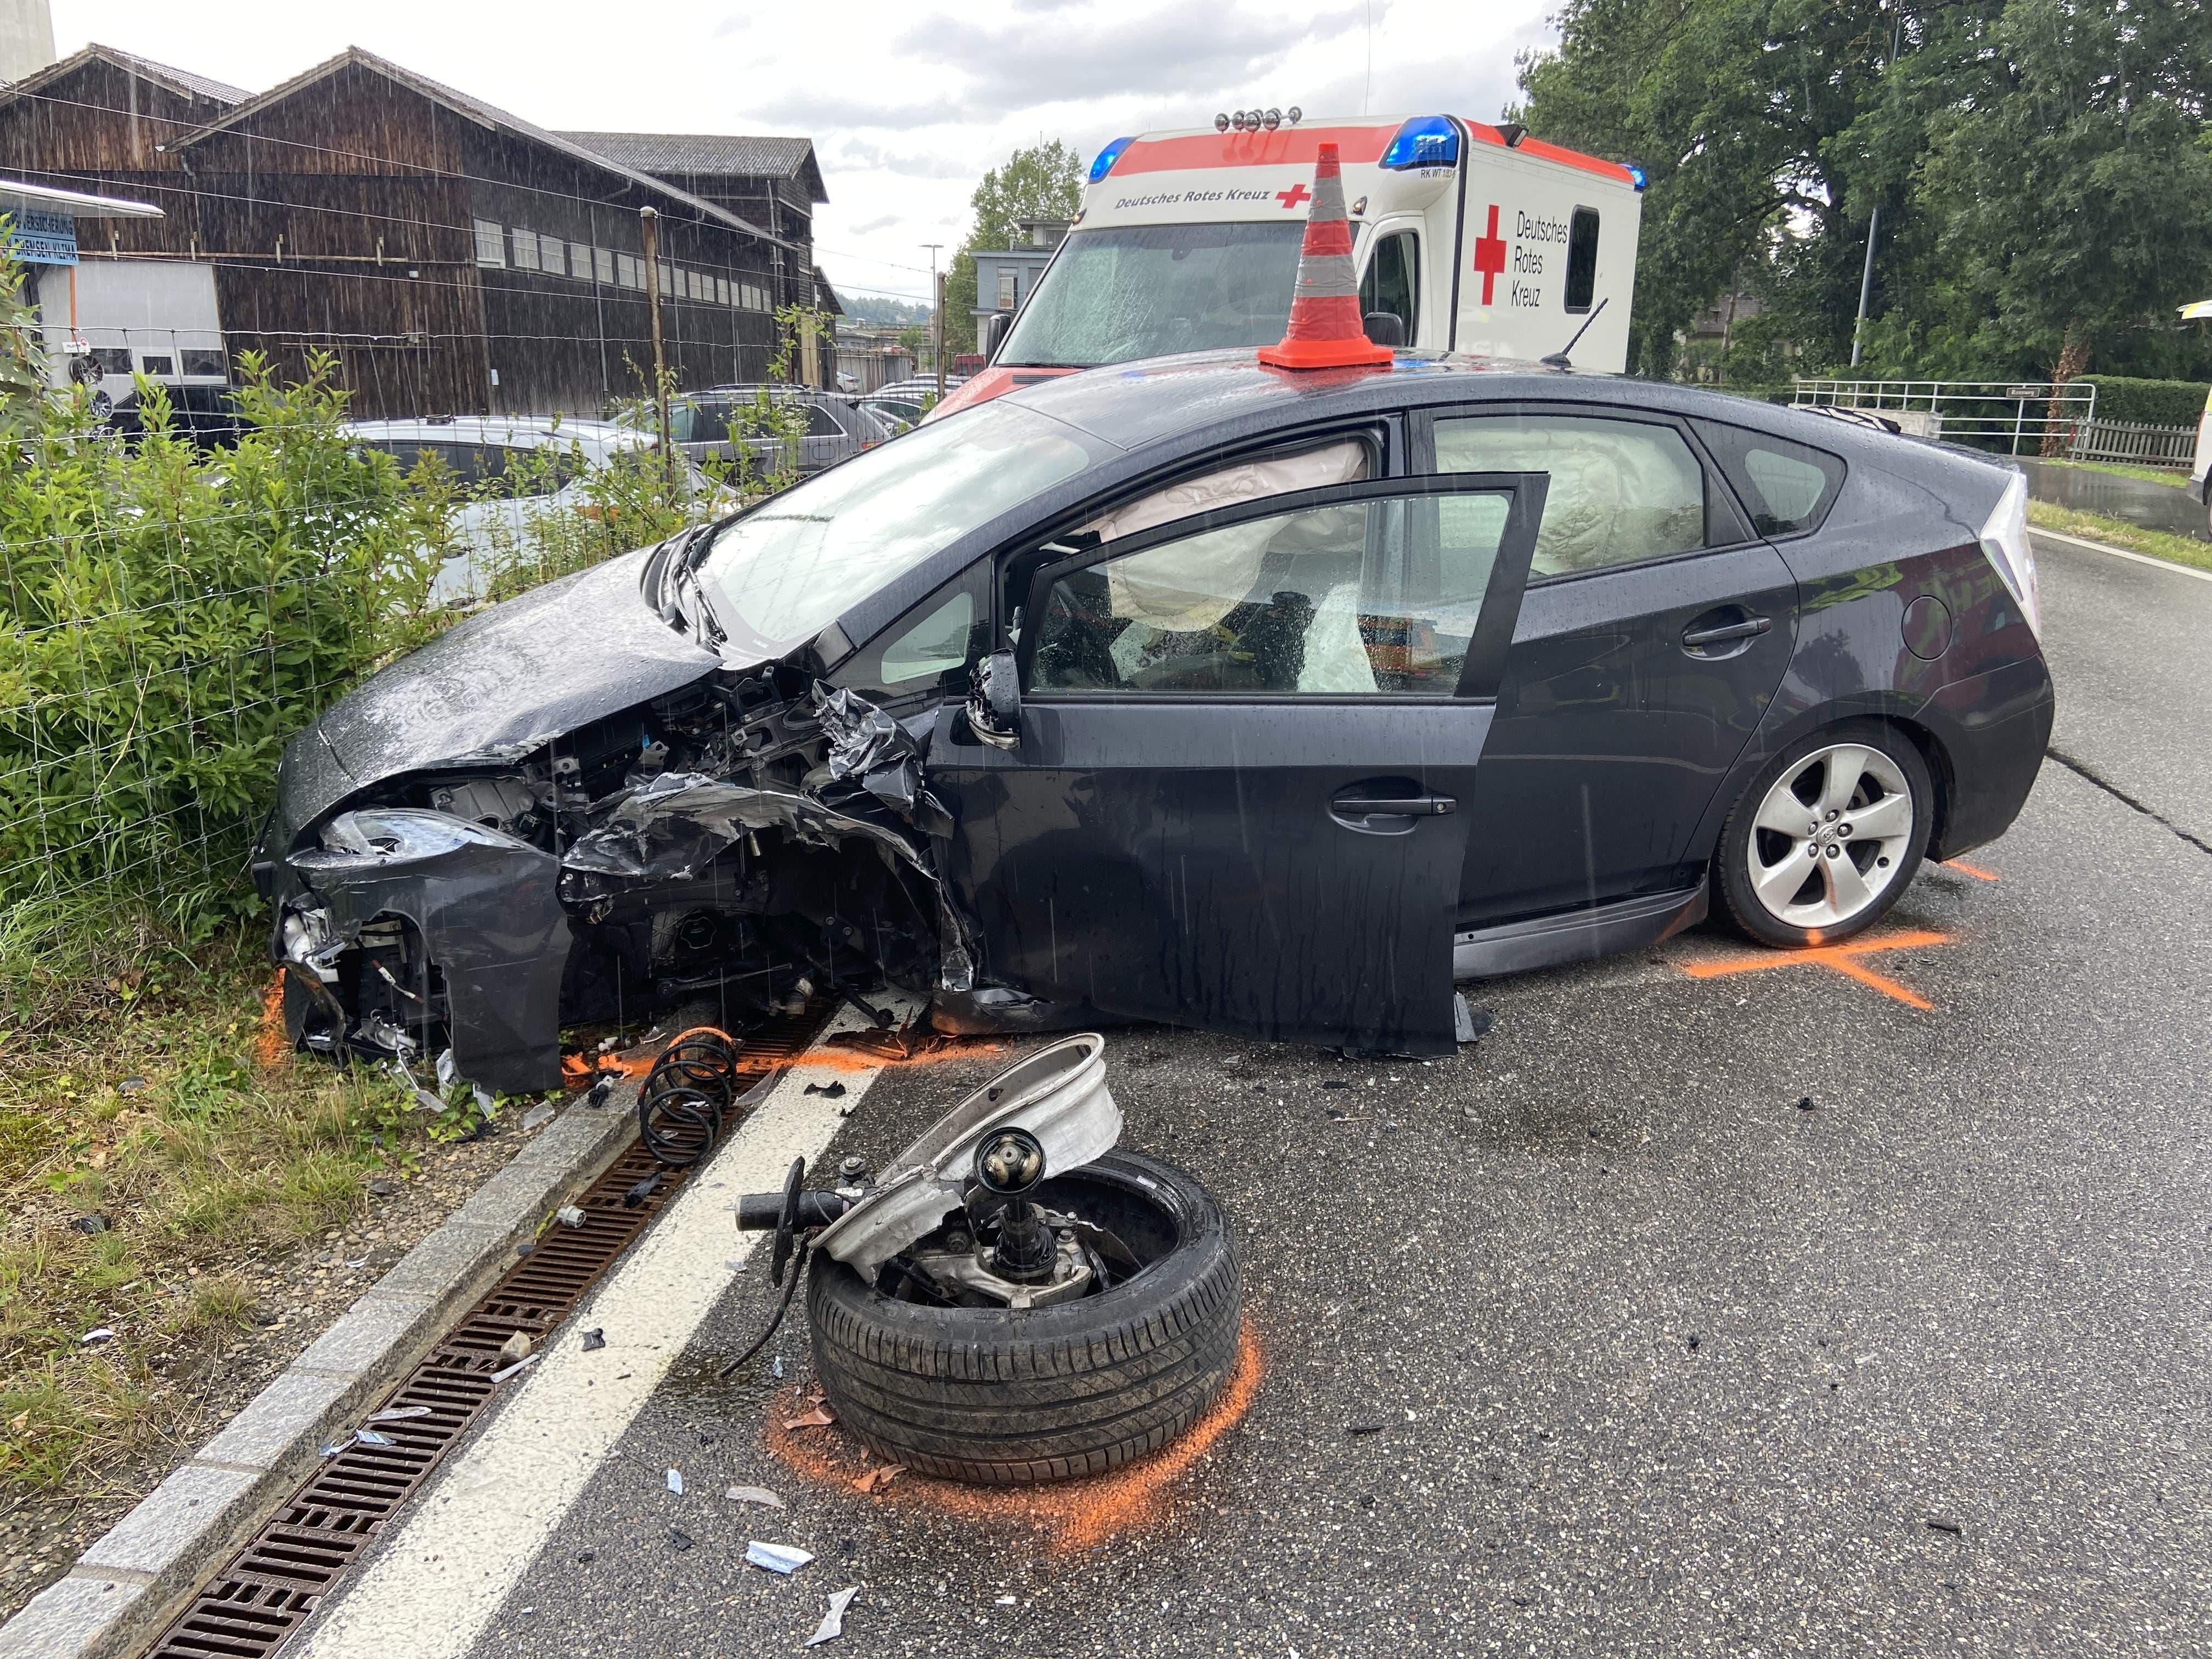 Turgi/Rekingen: Gleich zwei Autofahrer sind am Steuer eingenickt und haben je einen Unfall verursacht. In Rekingen gab es Verletzte.